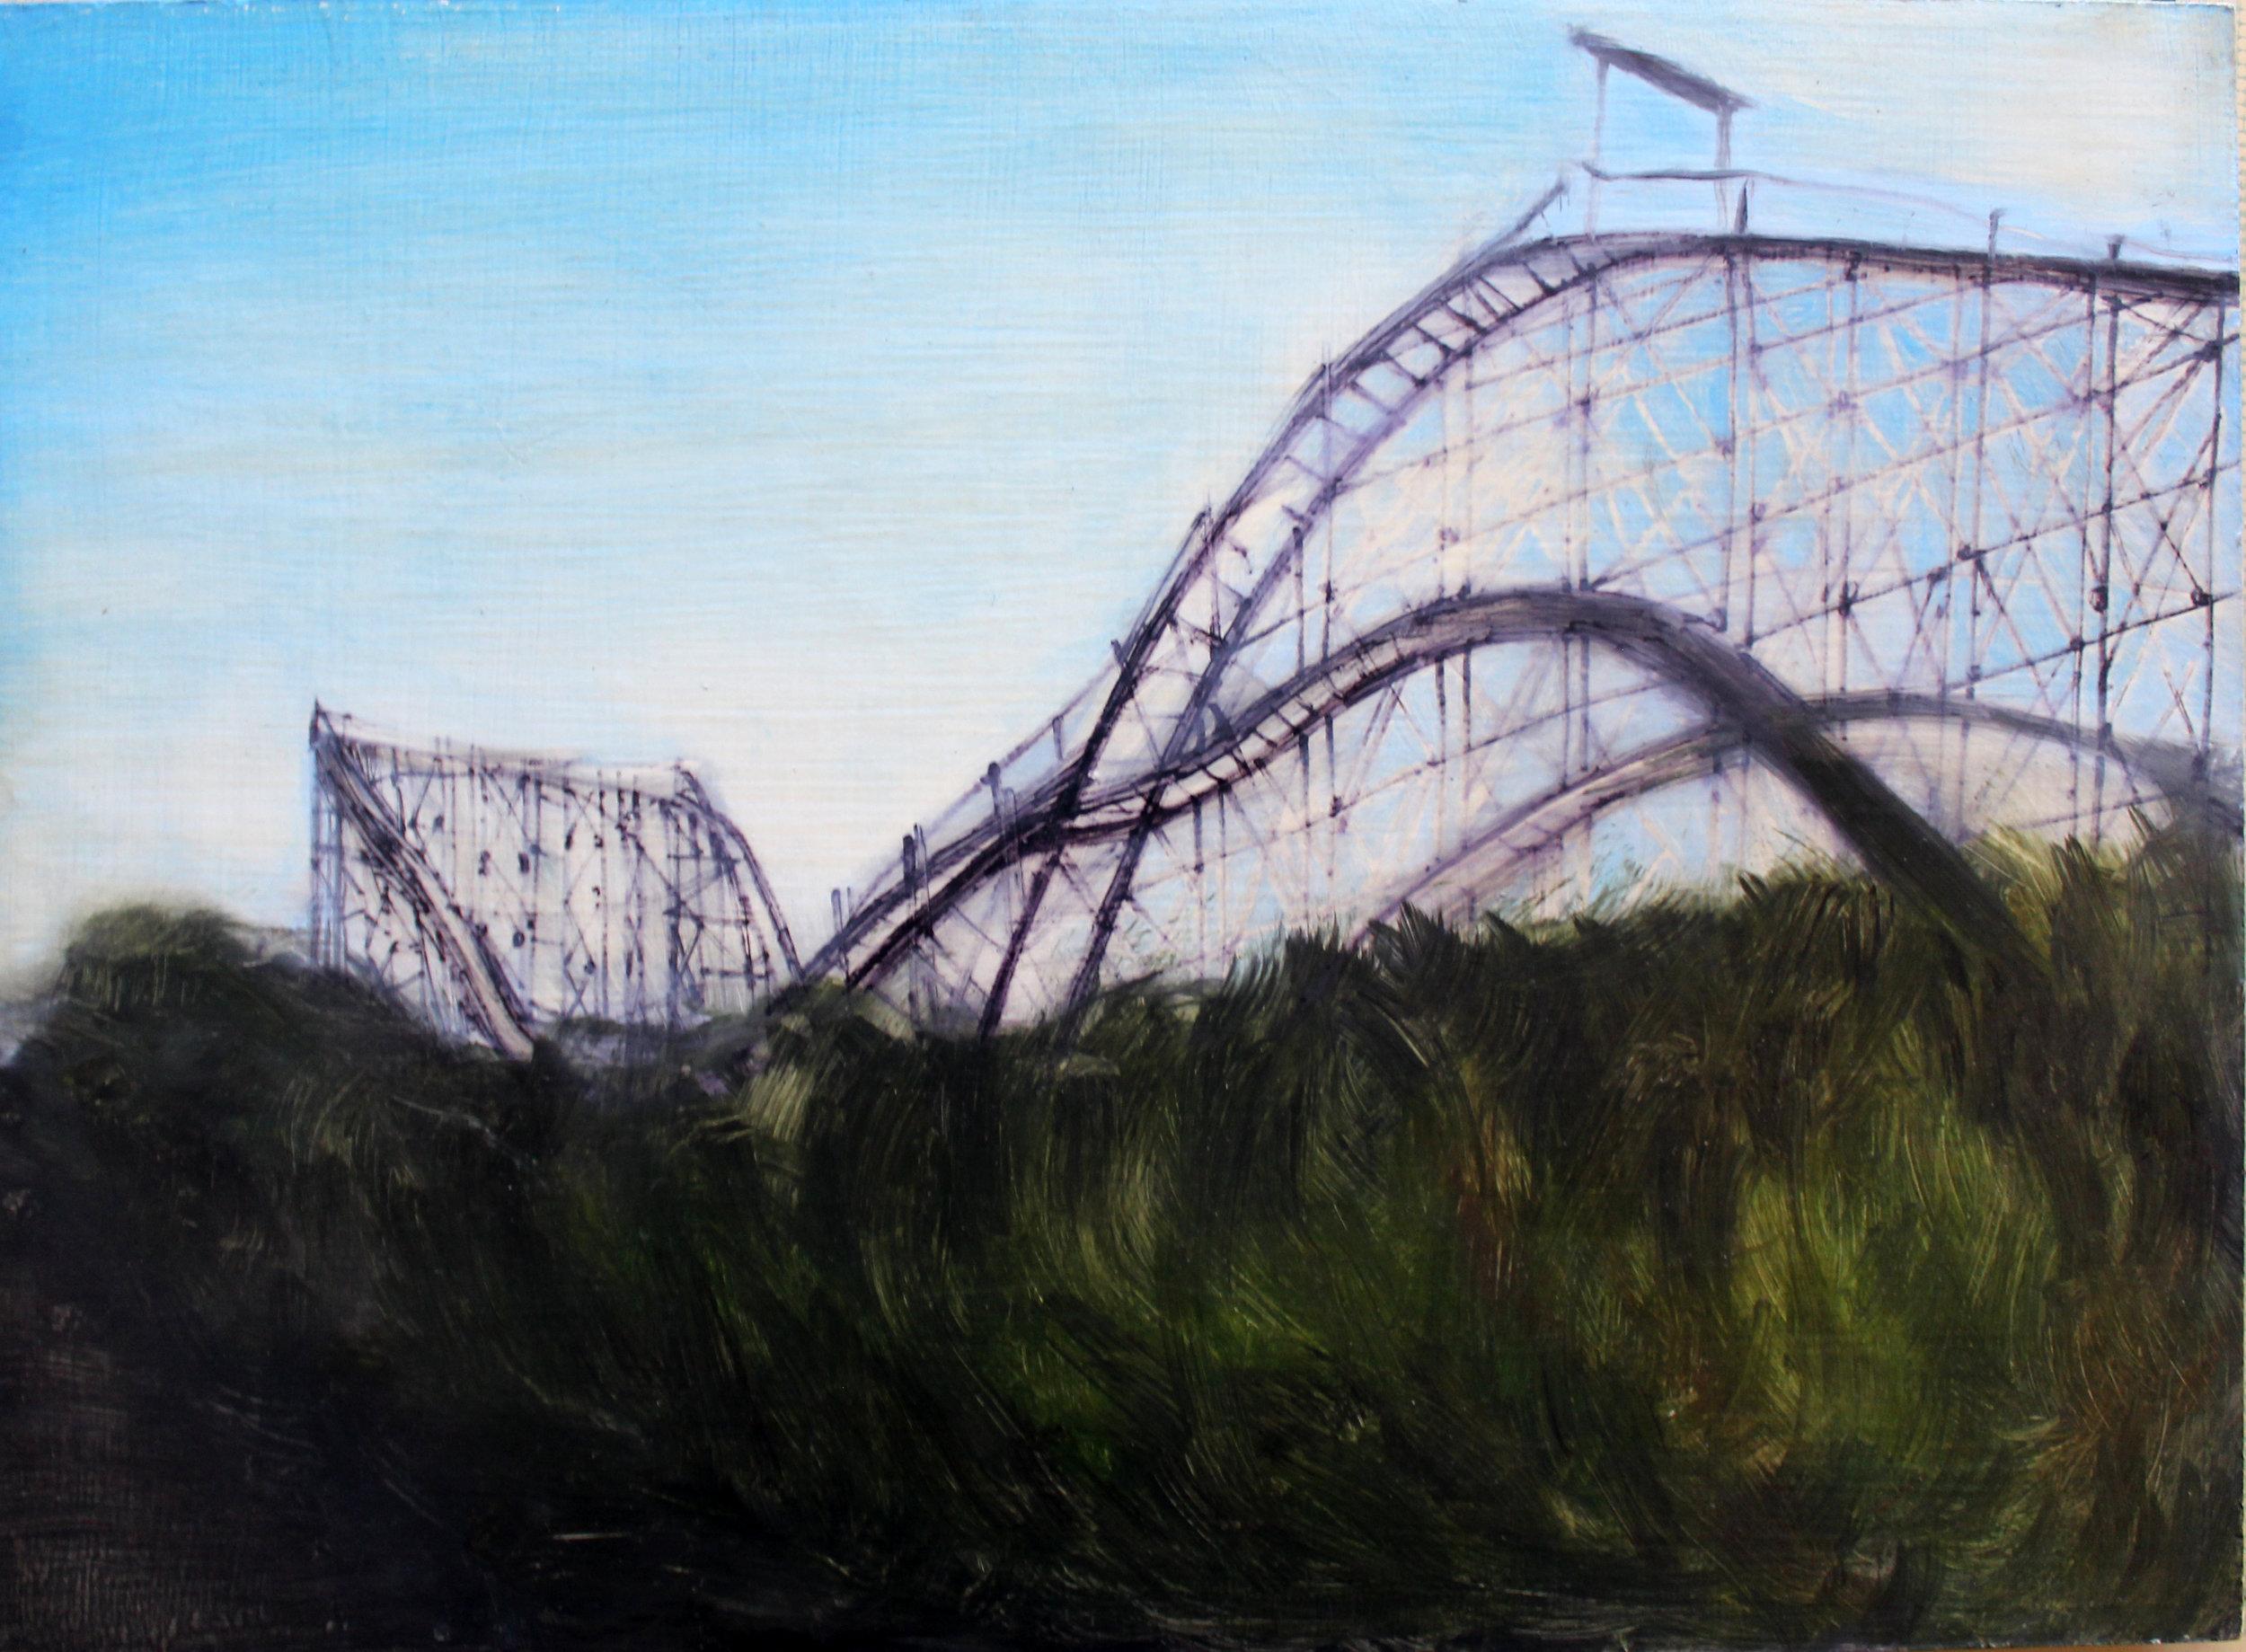 Erin Stellmon, Thunderbolt, oil on board, 2006 (Image courtesy the artist).